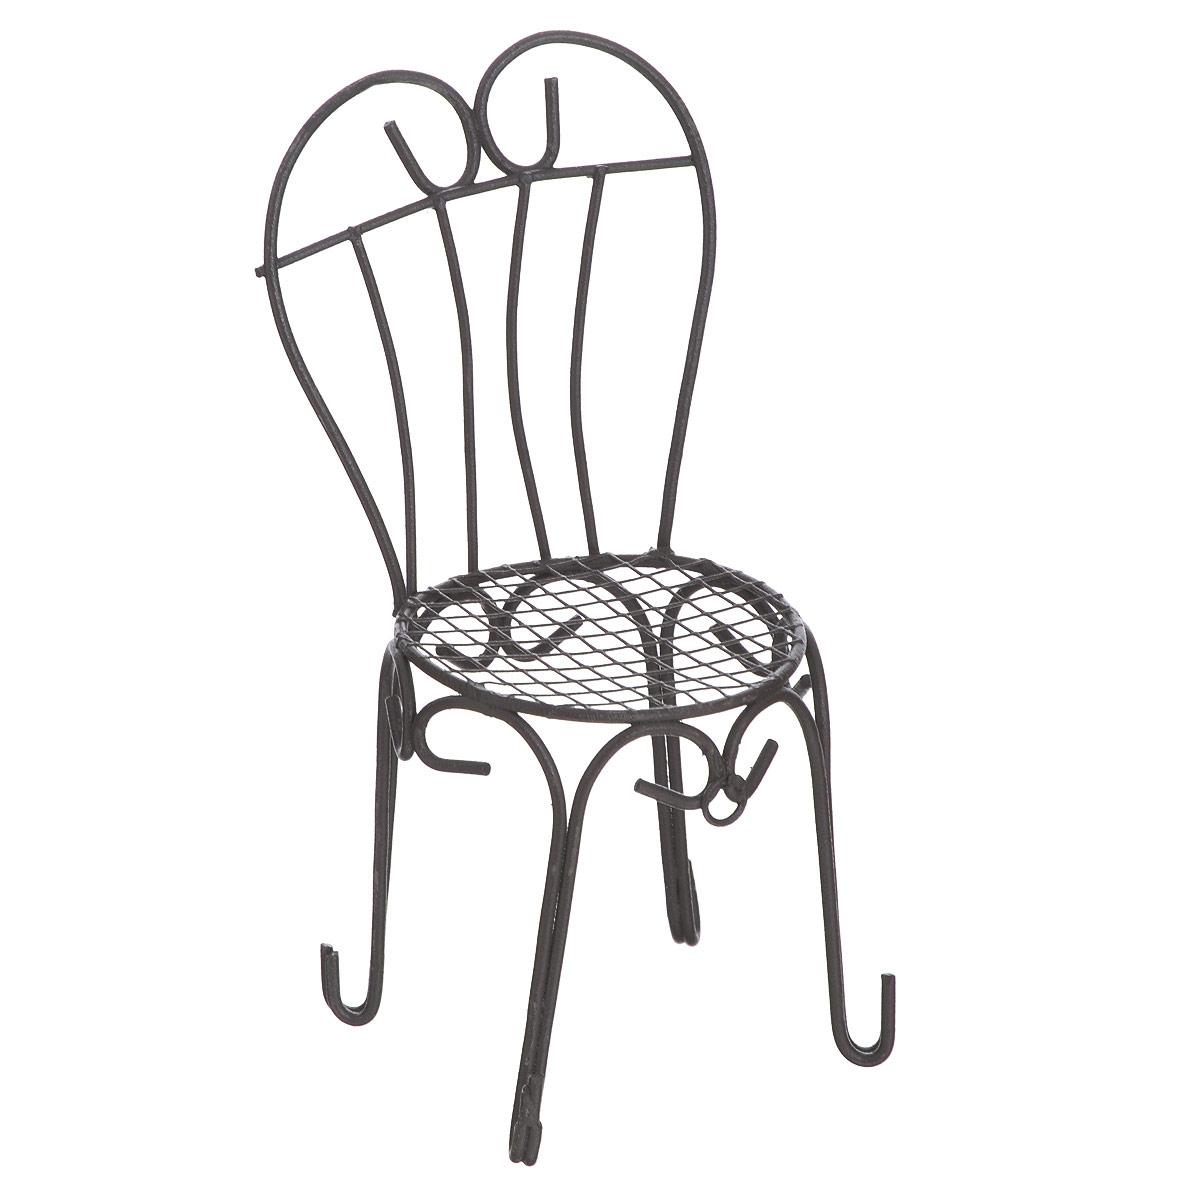 Миниатюра кукольная ScrapBerrys Стул с сердцевидной спинкойFS-91909Миниатюра кукольная ScrapBerrys Стул с сердцевидной спинкой изготовлена из металла в виде стула со спинкой в виде сердца.Такая миниатюра прекрасно подойдет для декорирования кукольных домиков, а также для оформления работ в самых различных техниках, для презентации трехмерных изображений или предметов.Кукольная миниатюра представляет собой целый мир с собственной модой, историей и законами. В нашей стране кукольная и историческая миниатюра только набирает популярность, тогда как в других государствах уже сложились целые традиции по созданию миниатюр. Создание миниатюр сводится к правильному подбору всех элементов интерьера согласно сюжетному и историческому контексту. Очень часто наборы кукольных миниатюр передается от поколения к поколению. И порой такие коллекции - далеко не детская забава, а настоящее серьезное хобби для взрослых. Стильные, красивые маленькие вещички и аксессуары интересно расставлять по своим местам, создавая необычные исторические, фантазийные и классические инсталляции различных эпох.